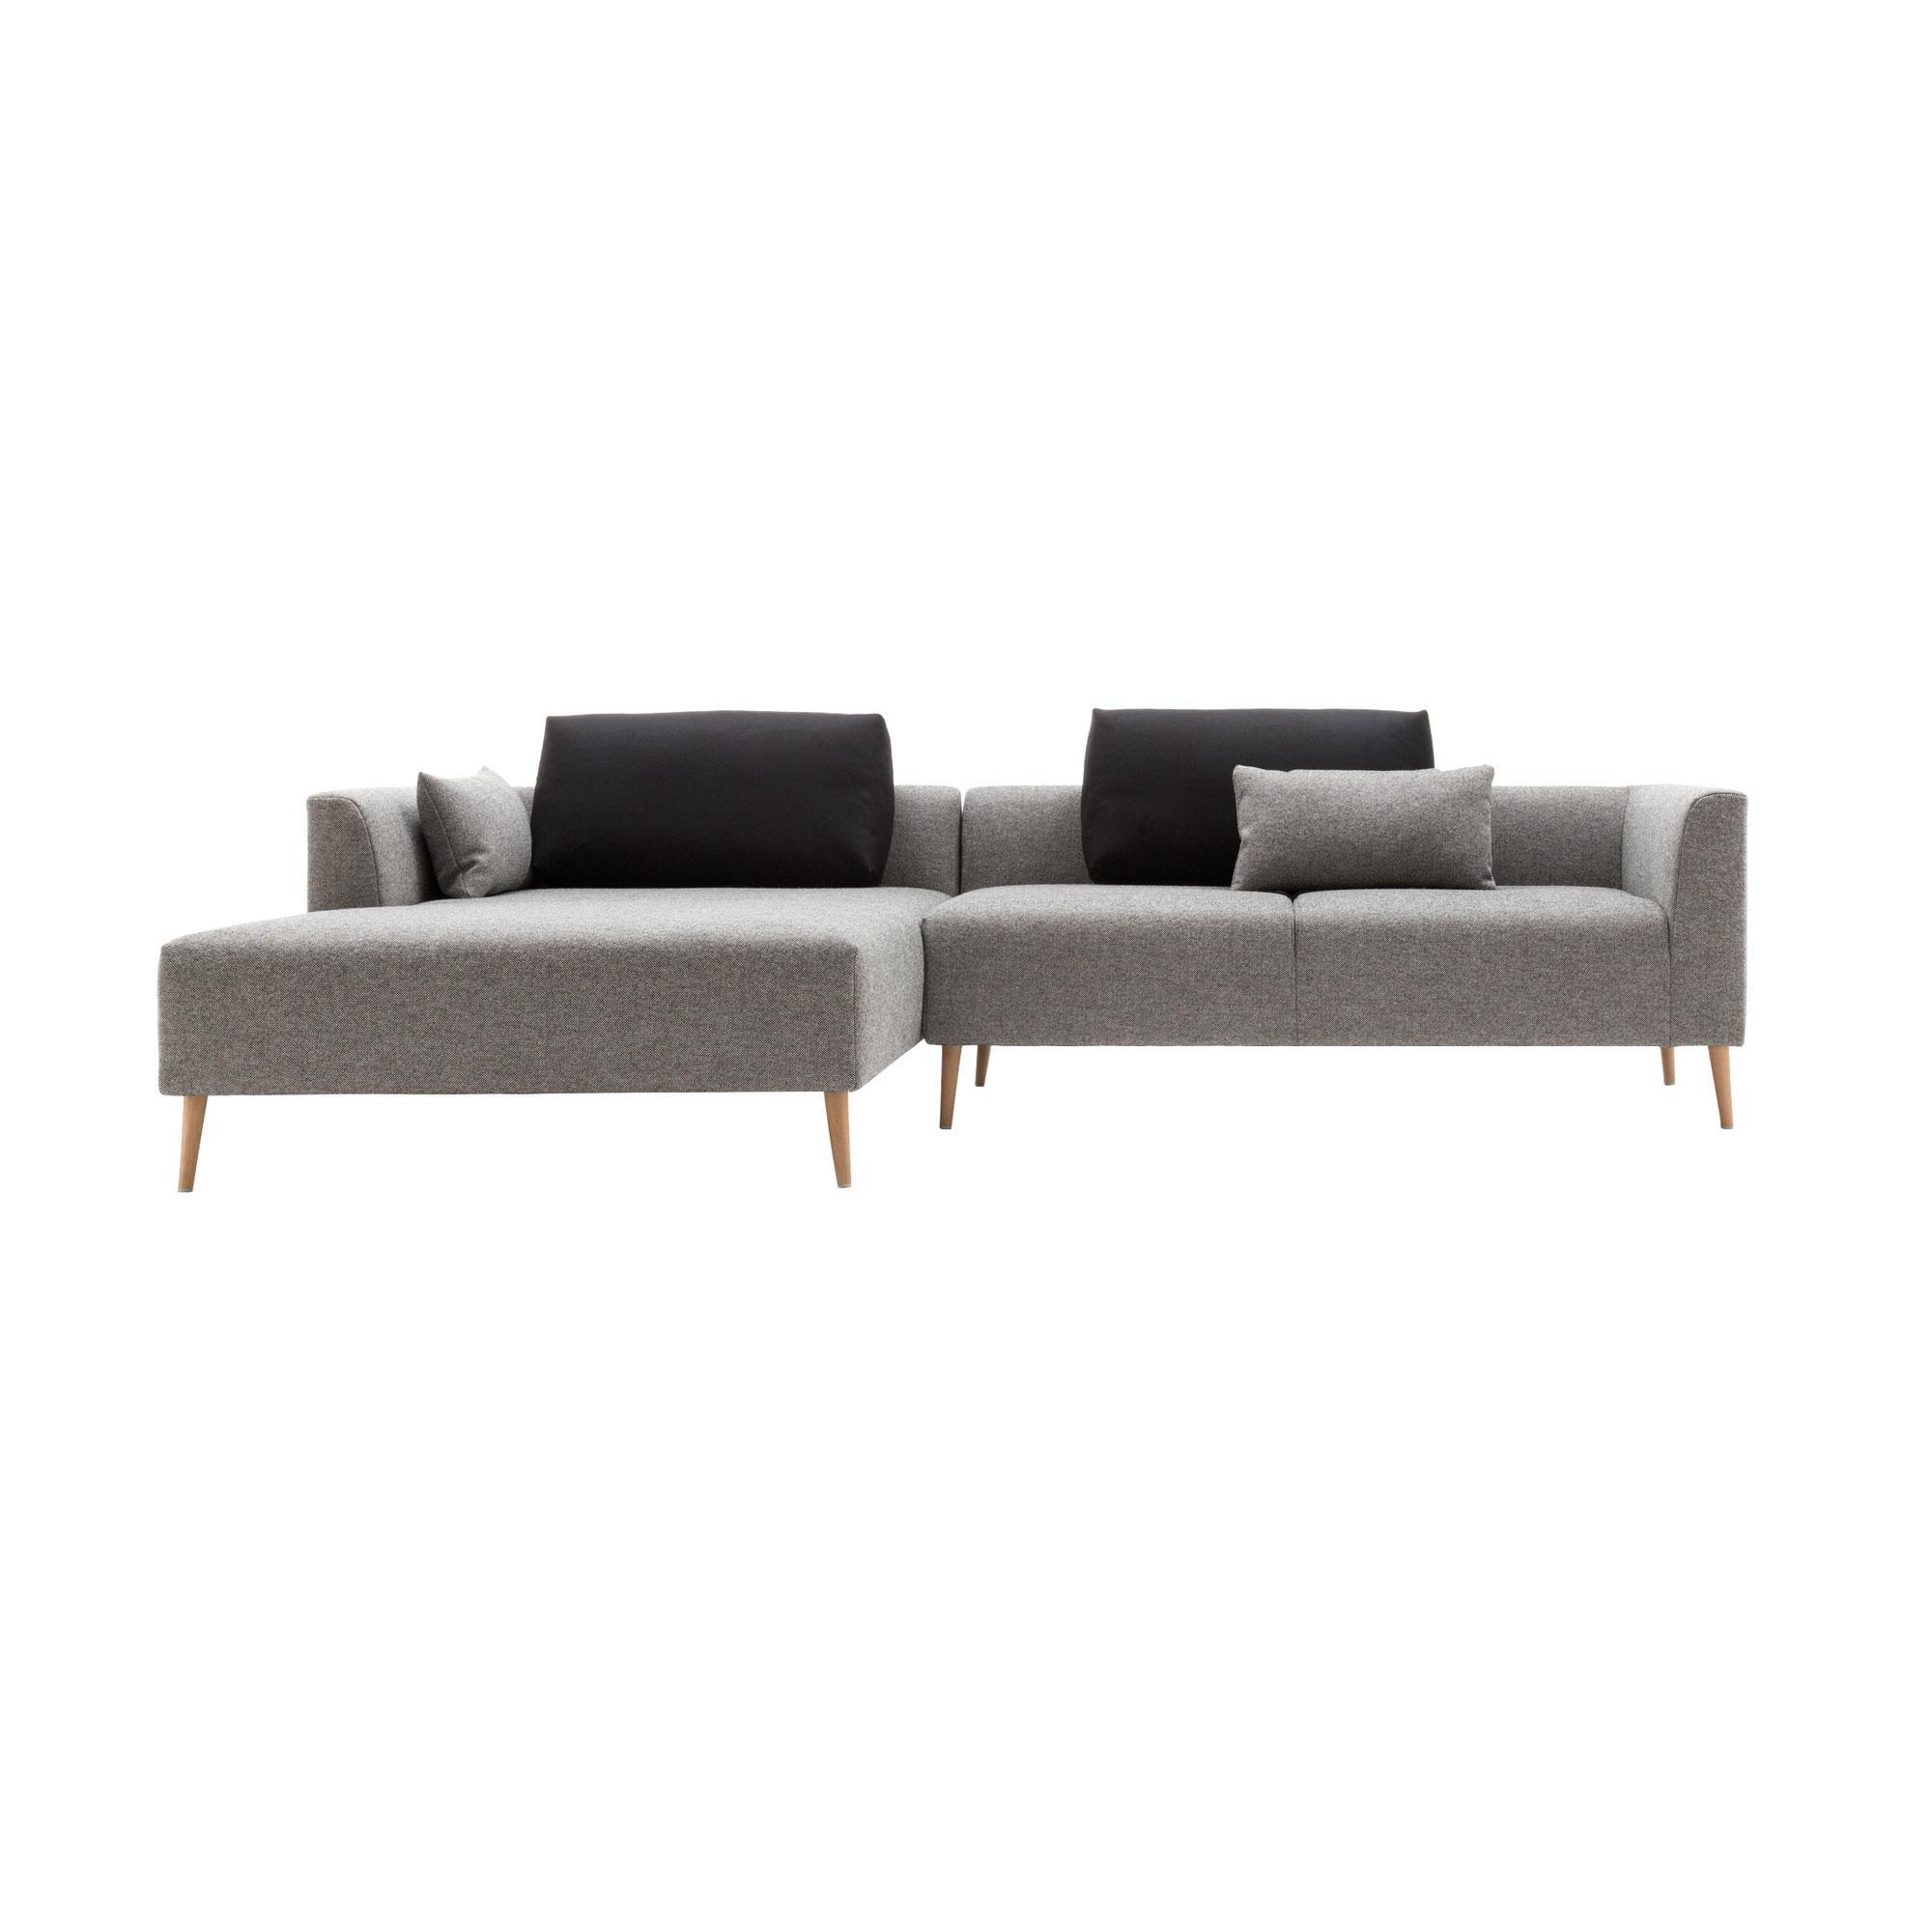 freistil Rolf Benz - freistil 162 - Canapé lounge 274x172cm - gris argenté/étoffe 7405 100% laine vierge/PxHxP 274x64x172cm